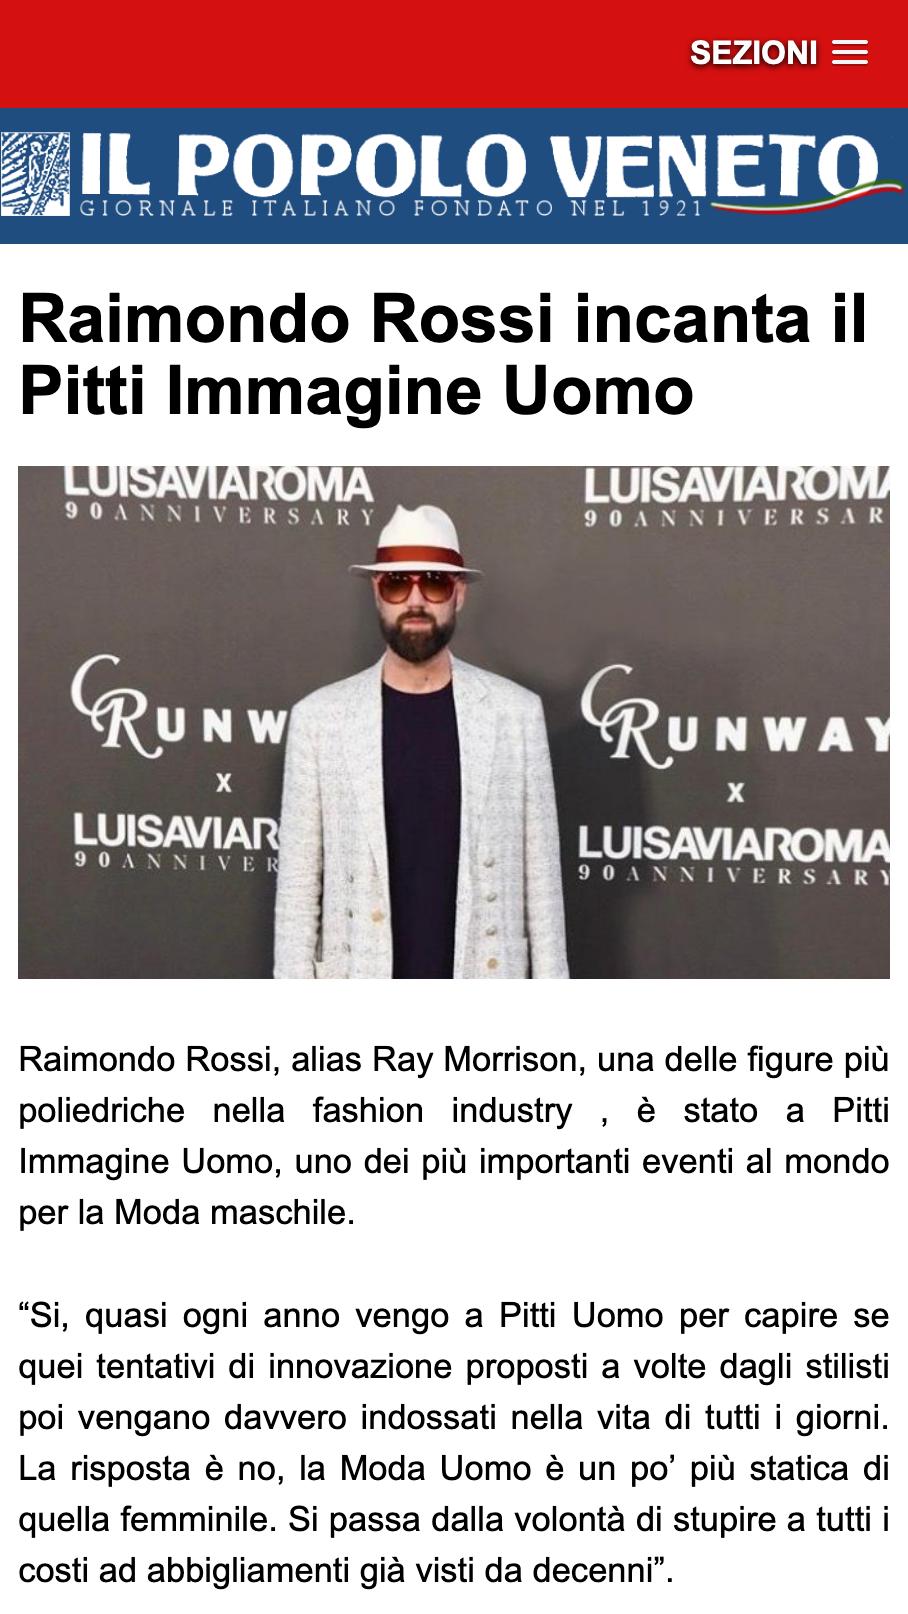 Il Popolo Veneto - Ray Morrison (Raimondo Rossi)